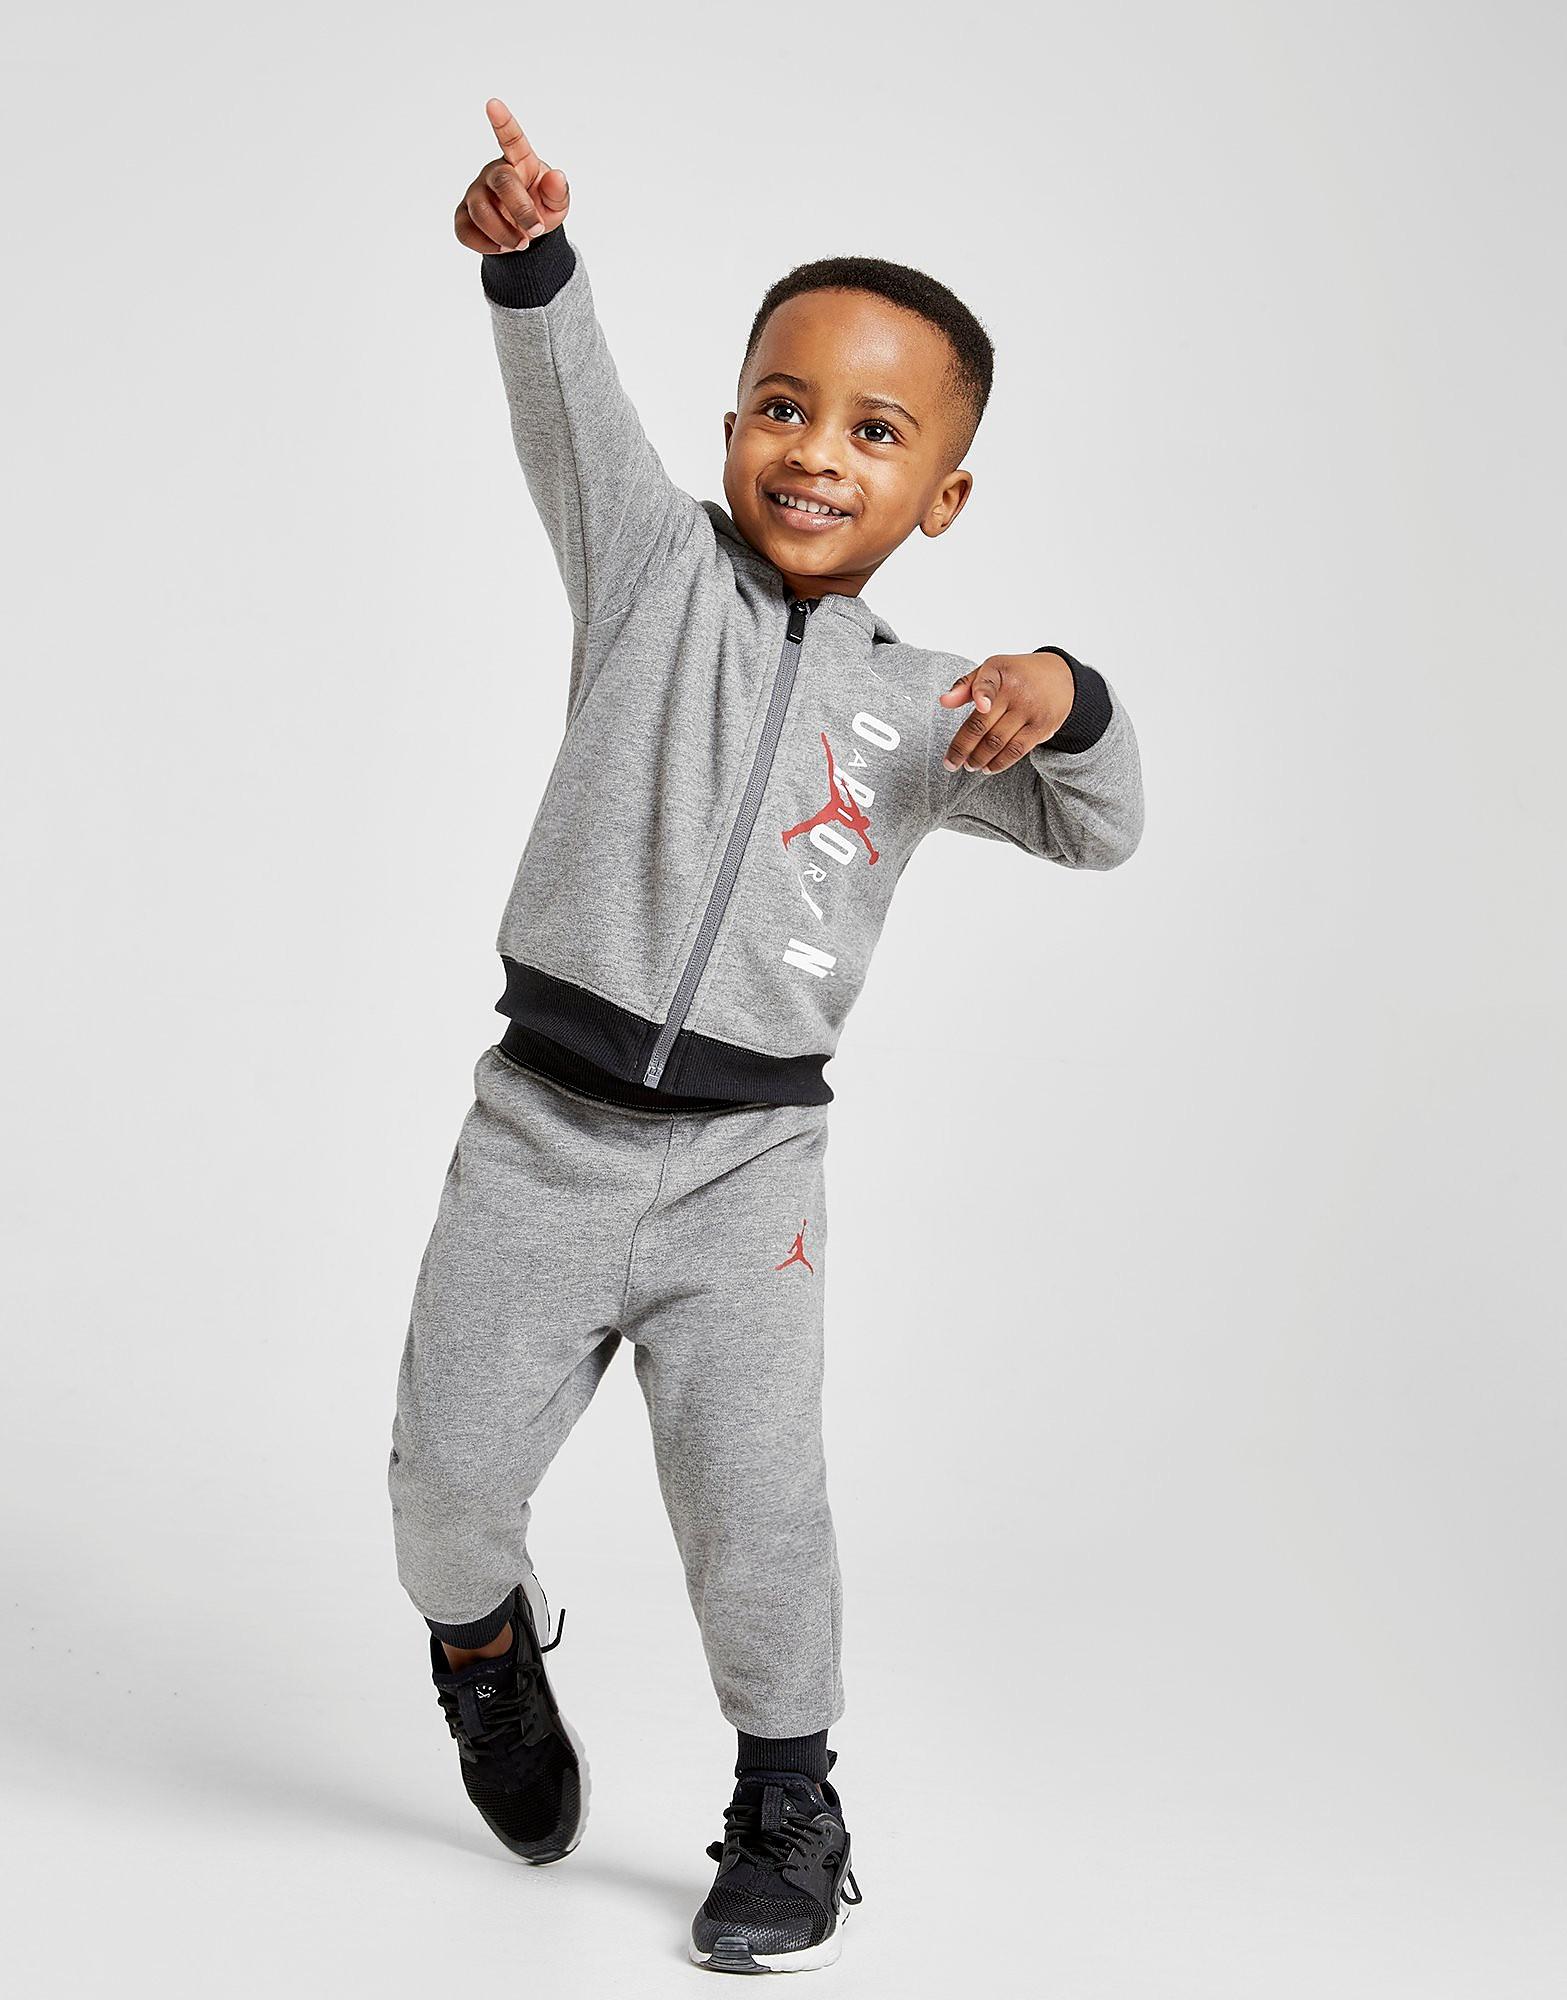 Jordan Full Zip Tracksuit Baby's - Grijs - Kind